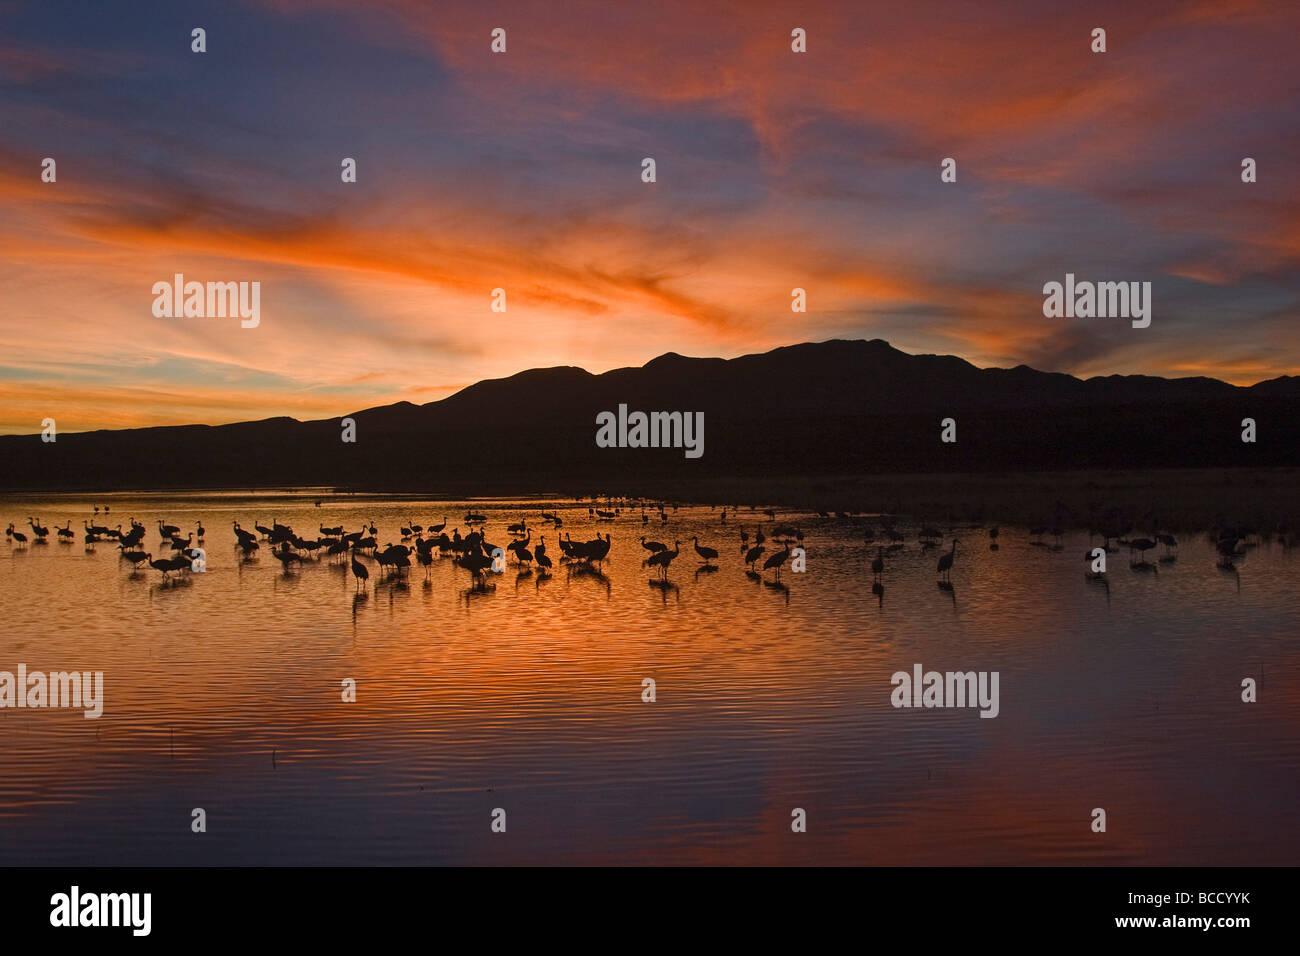 Sandhill Cranes (Grus canadensis) Bosque del Apache; New Mexico Stock Photo